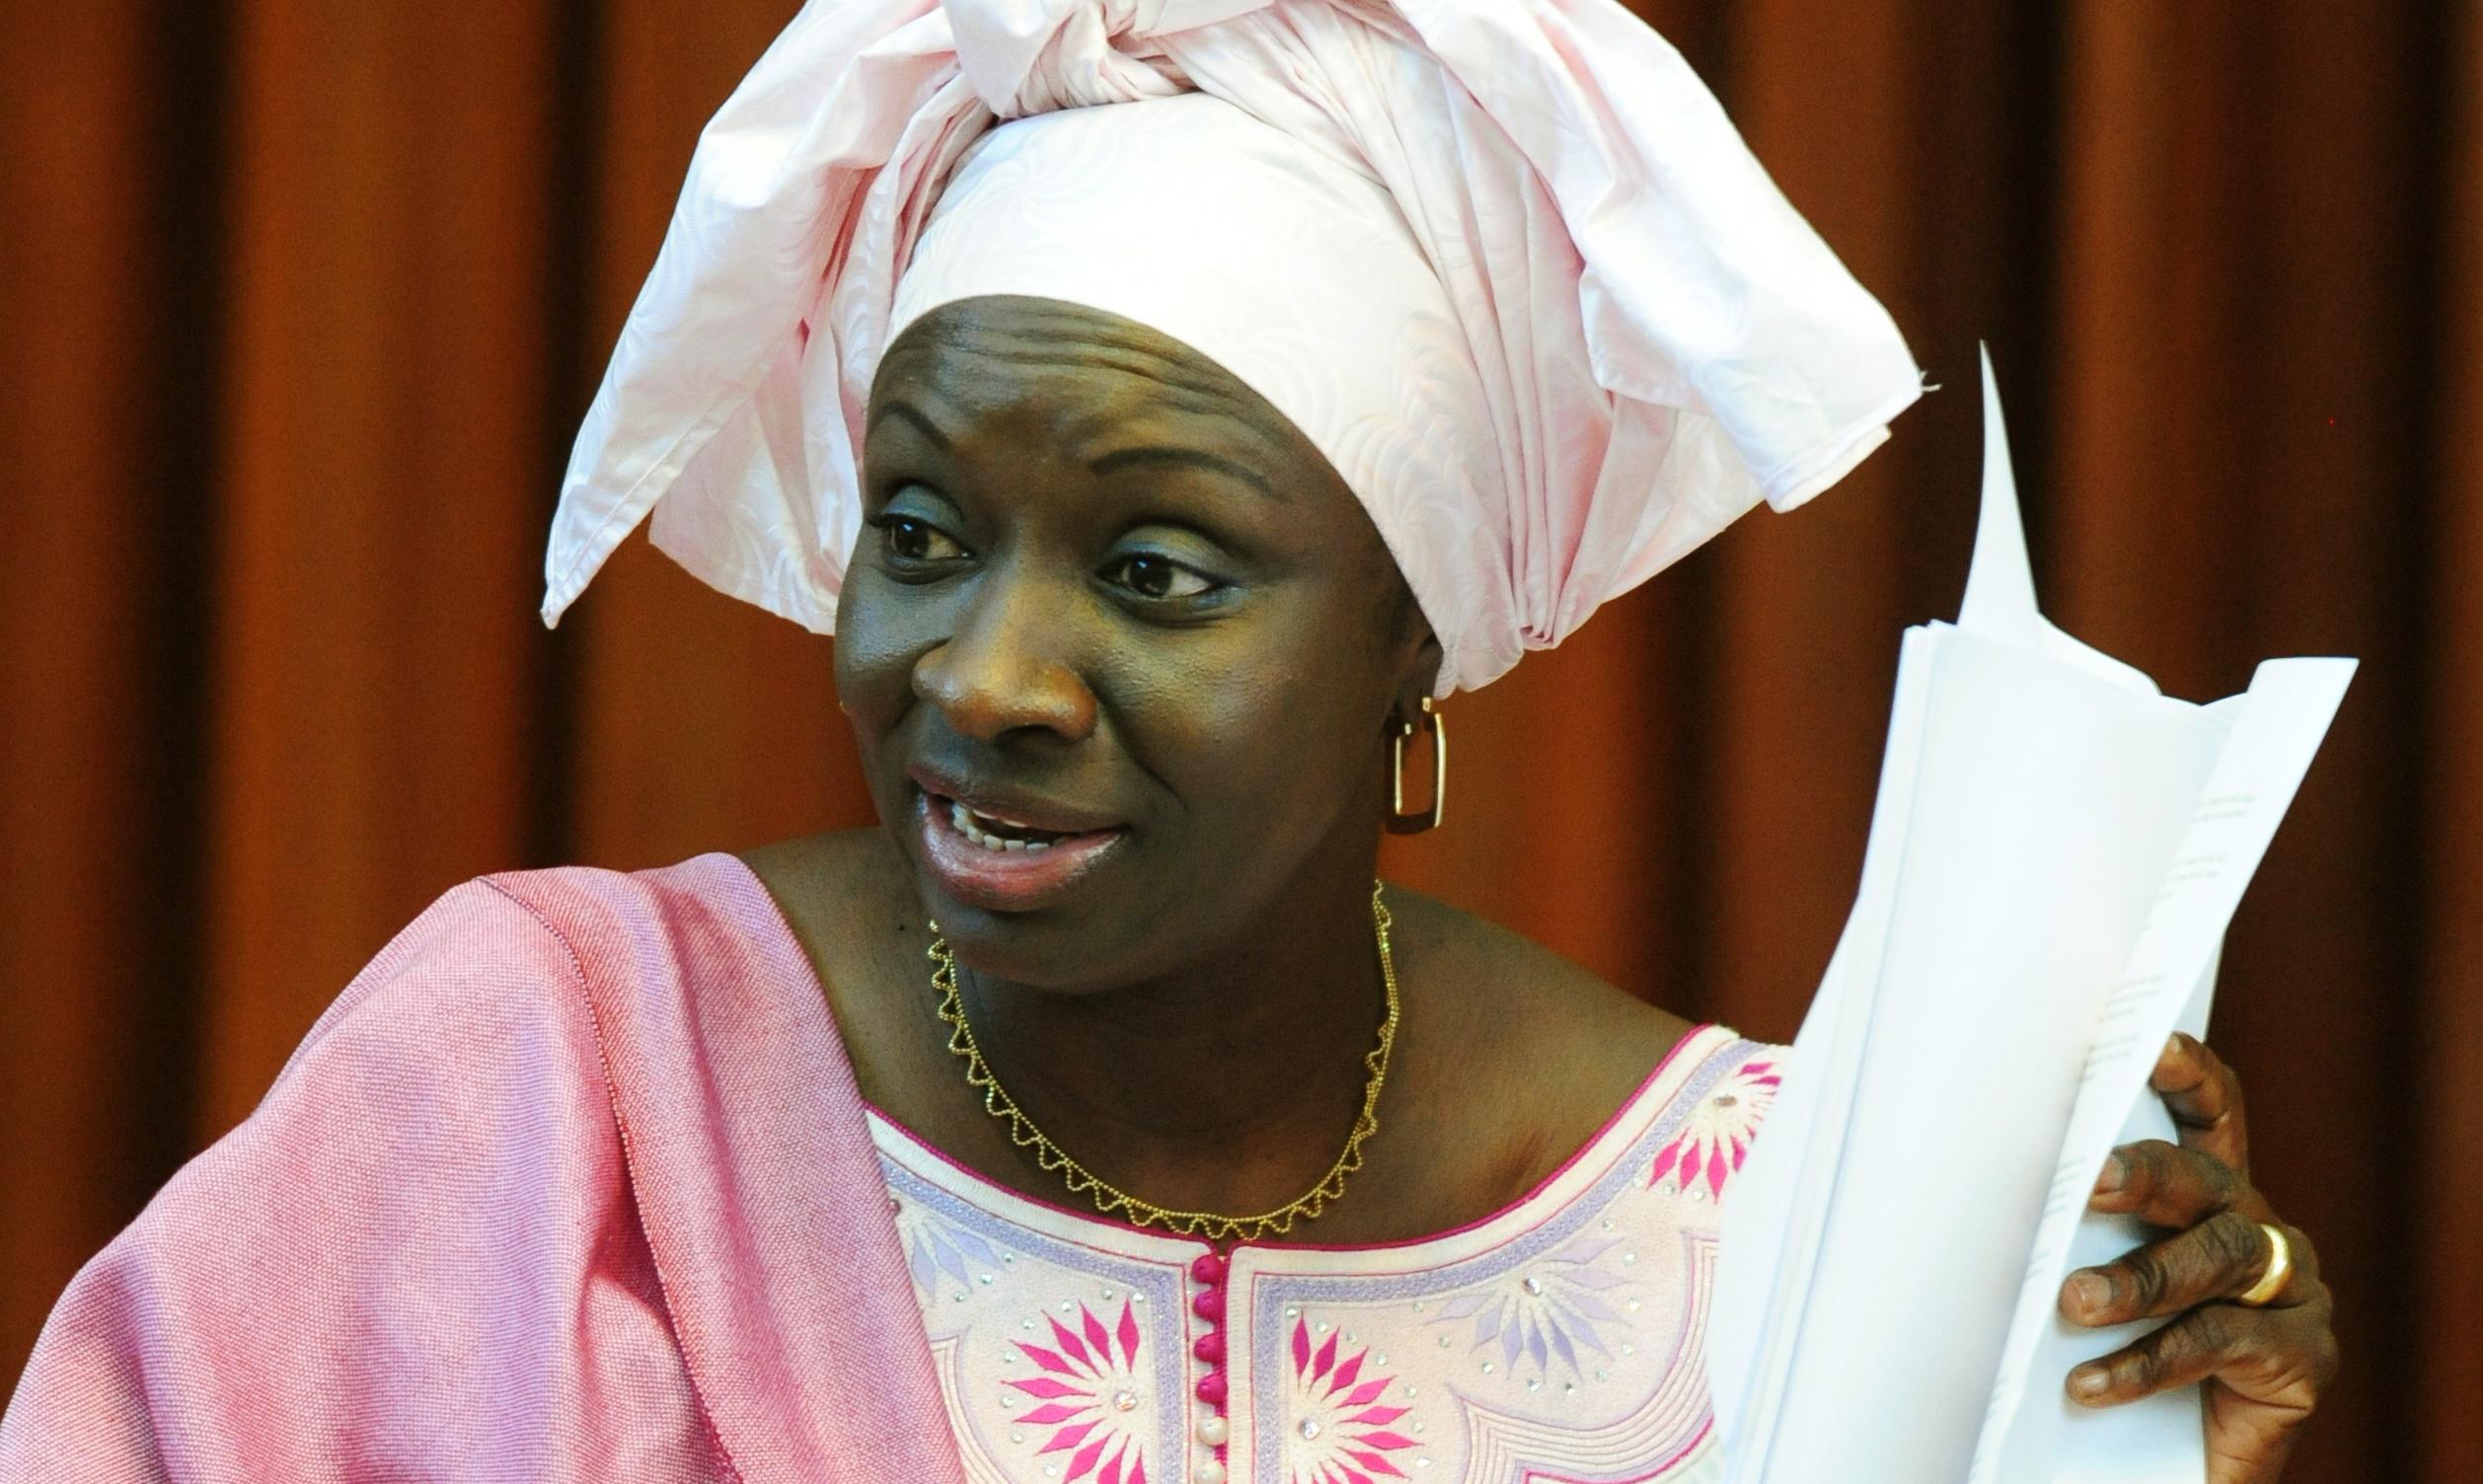 Affaire Habré : Mme Aminata Touré convoquée par la Cour d'Appel le 18 Avril 2016 pour faux et usage de faux